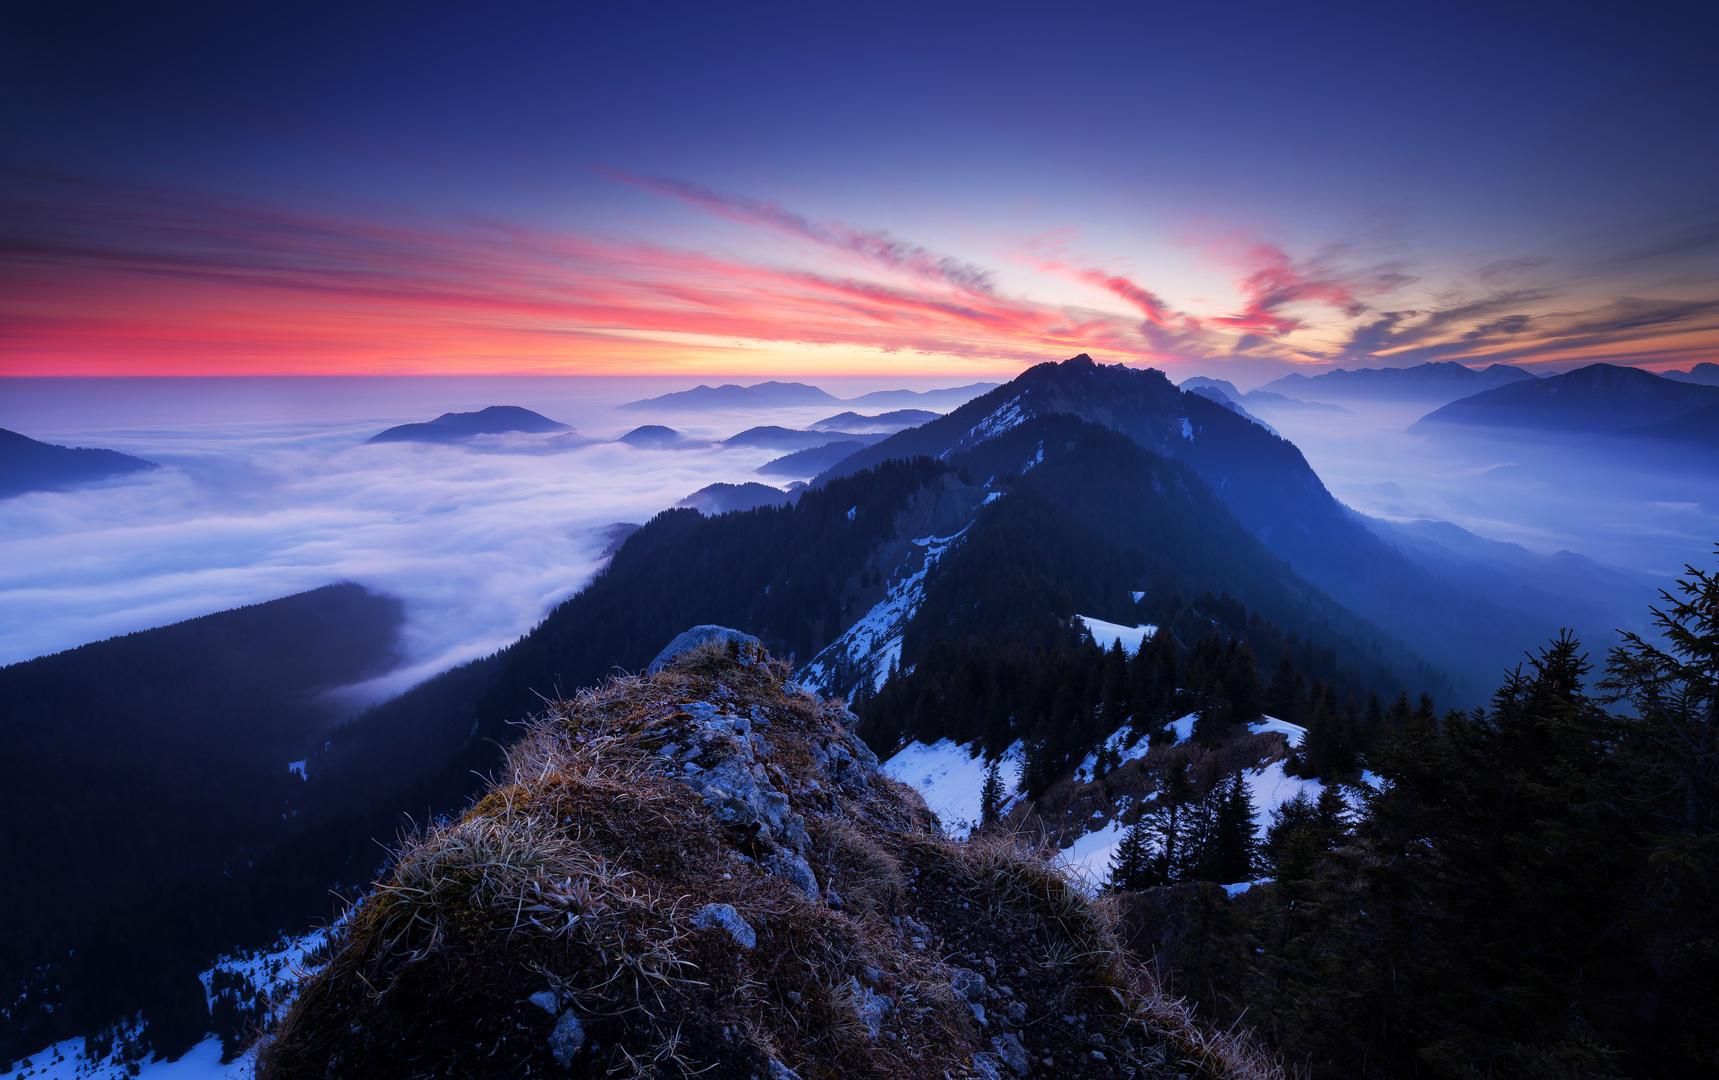 ... majesty of dawn